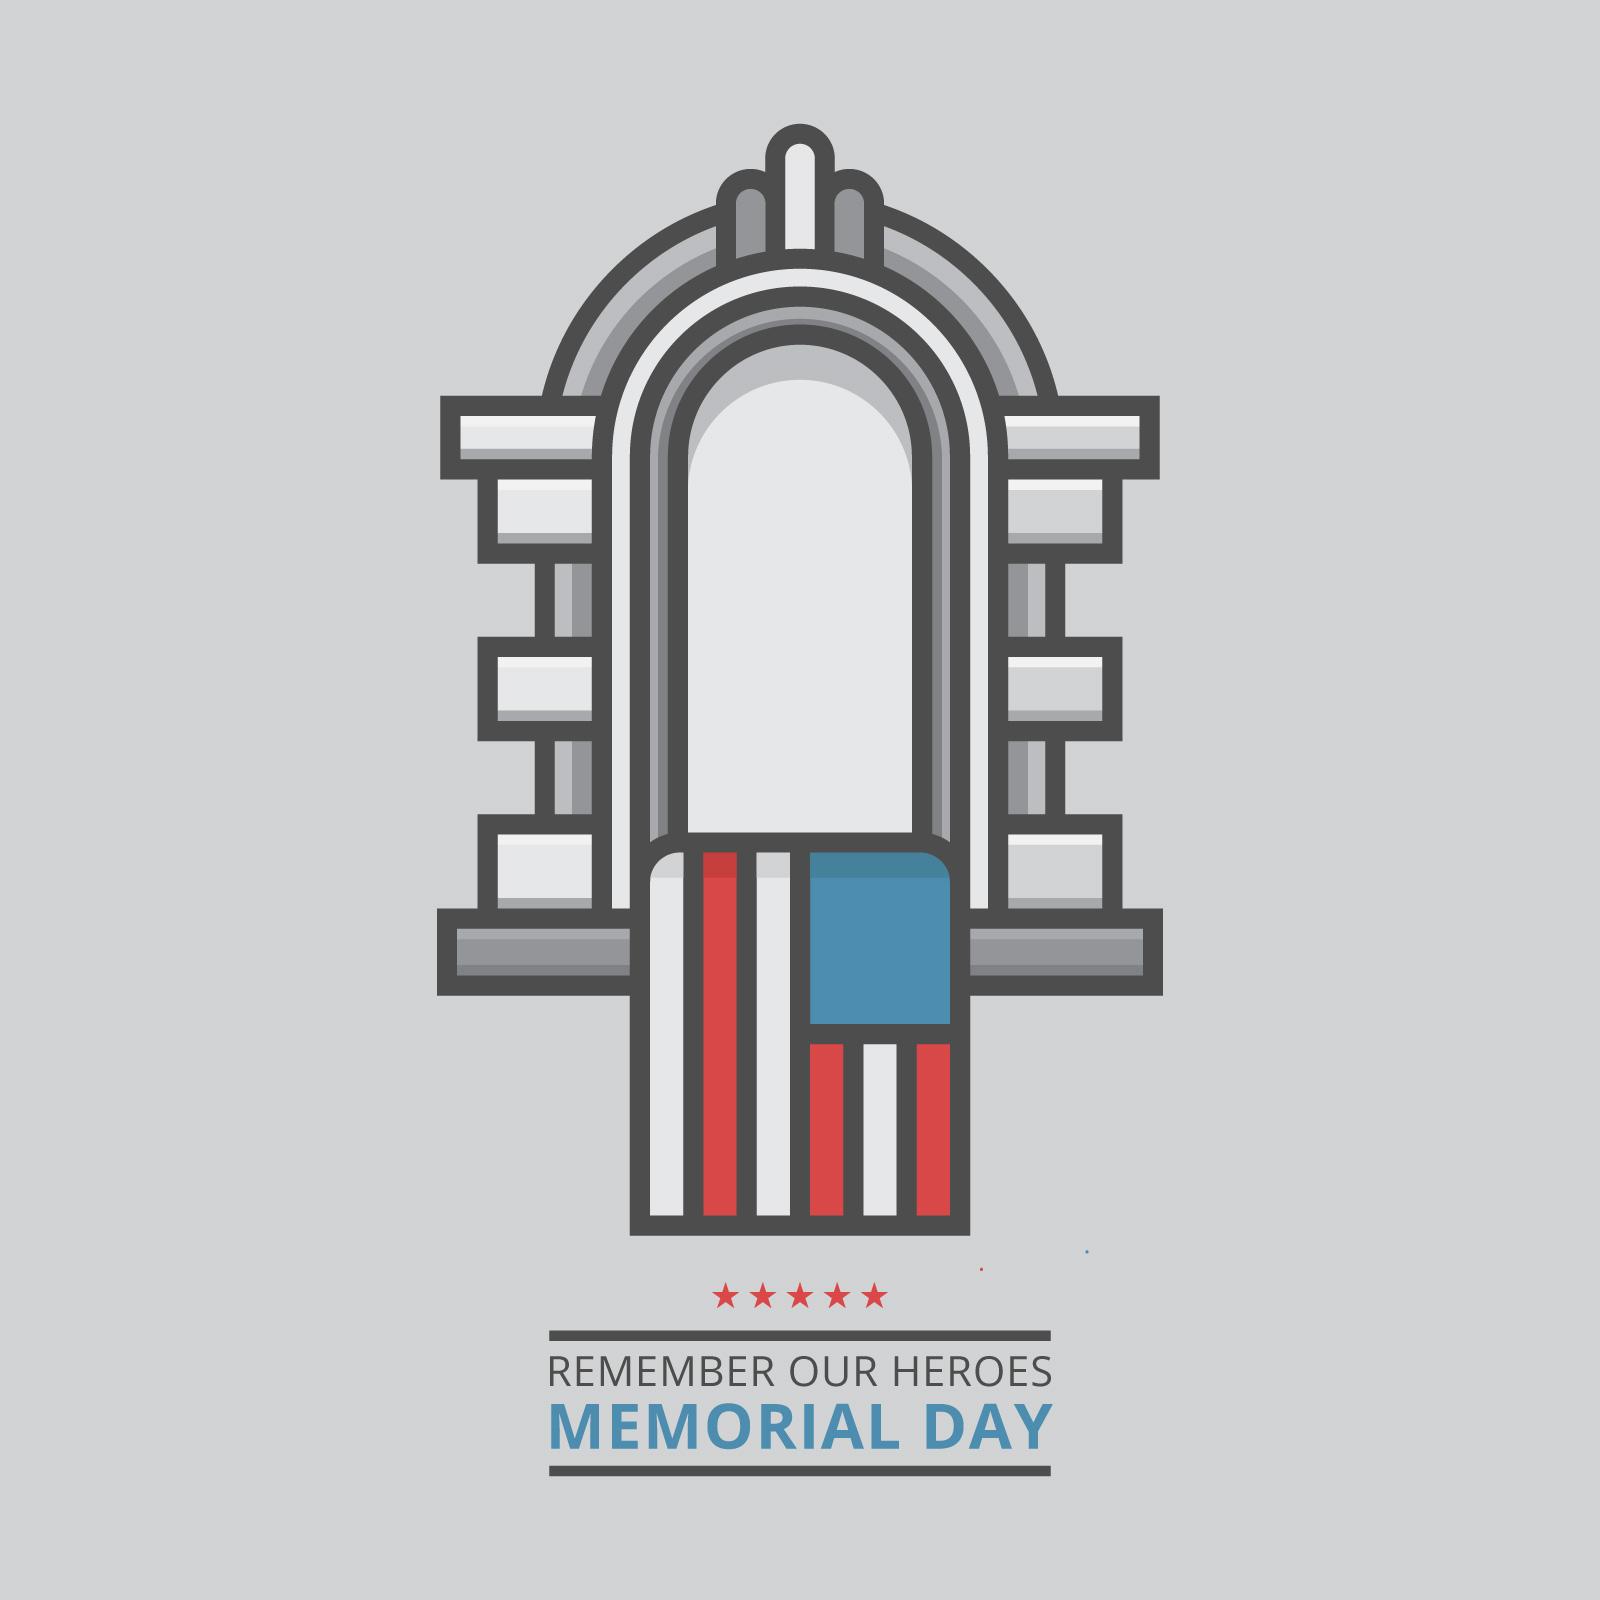 Memorial Day Dekoration Illustration Vorlage in Artline-Stil ...